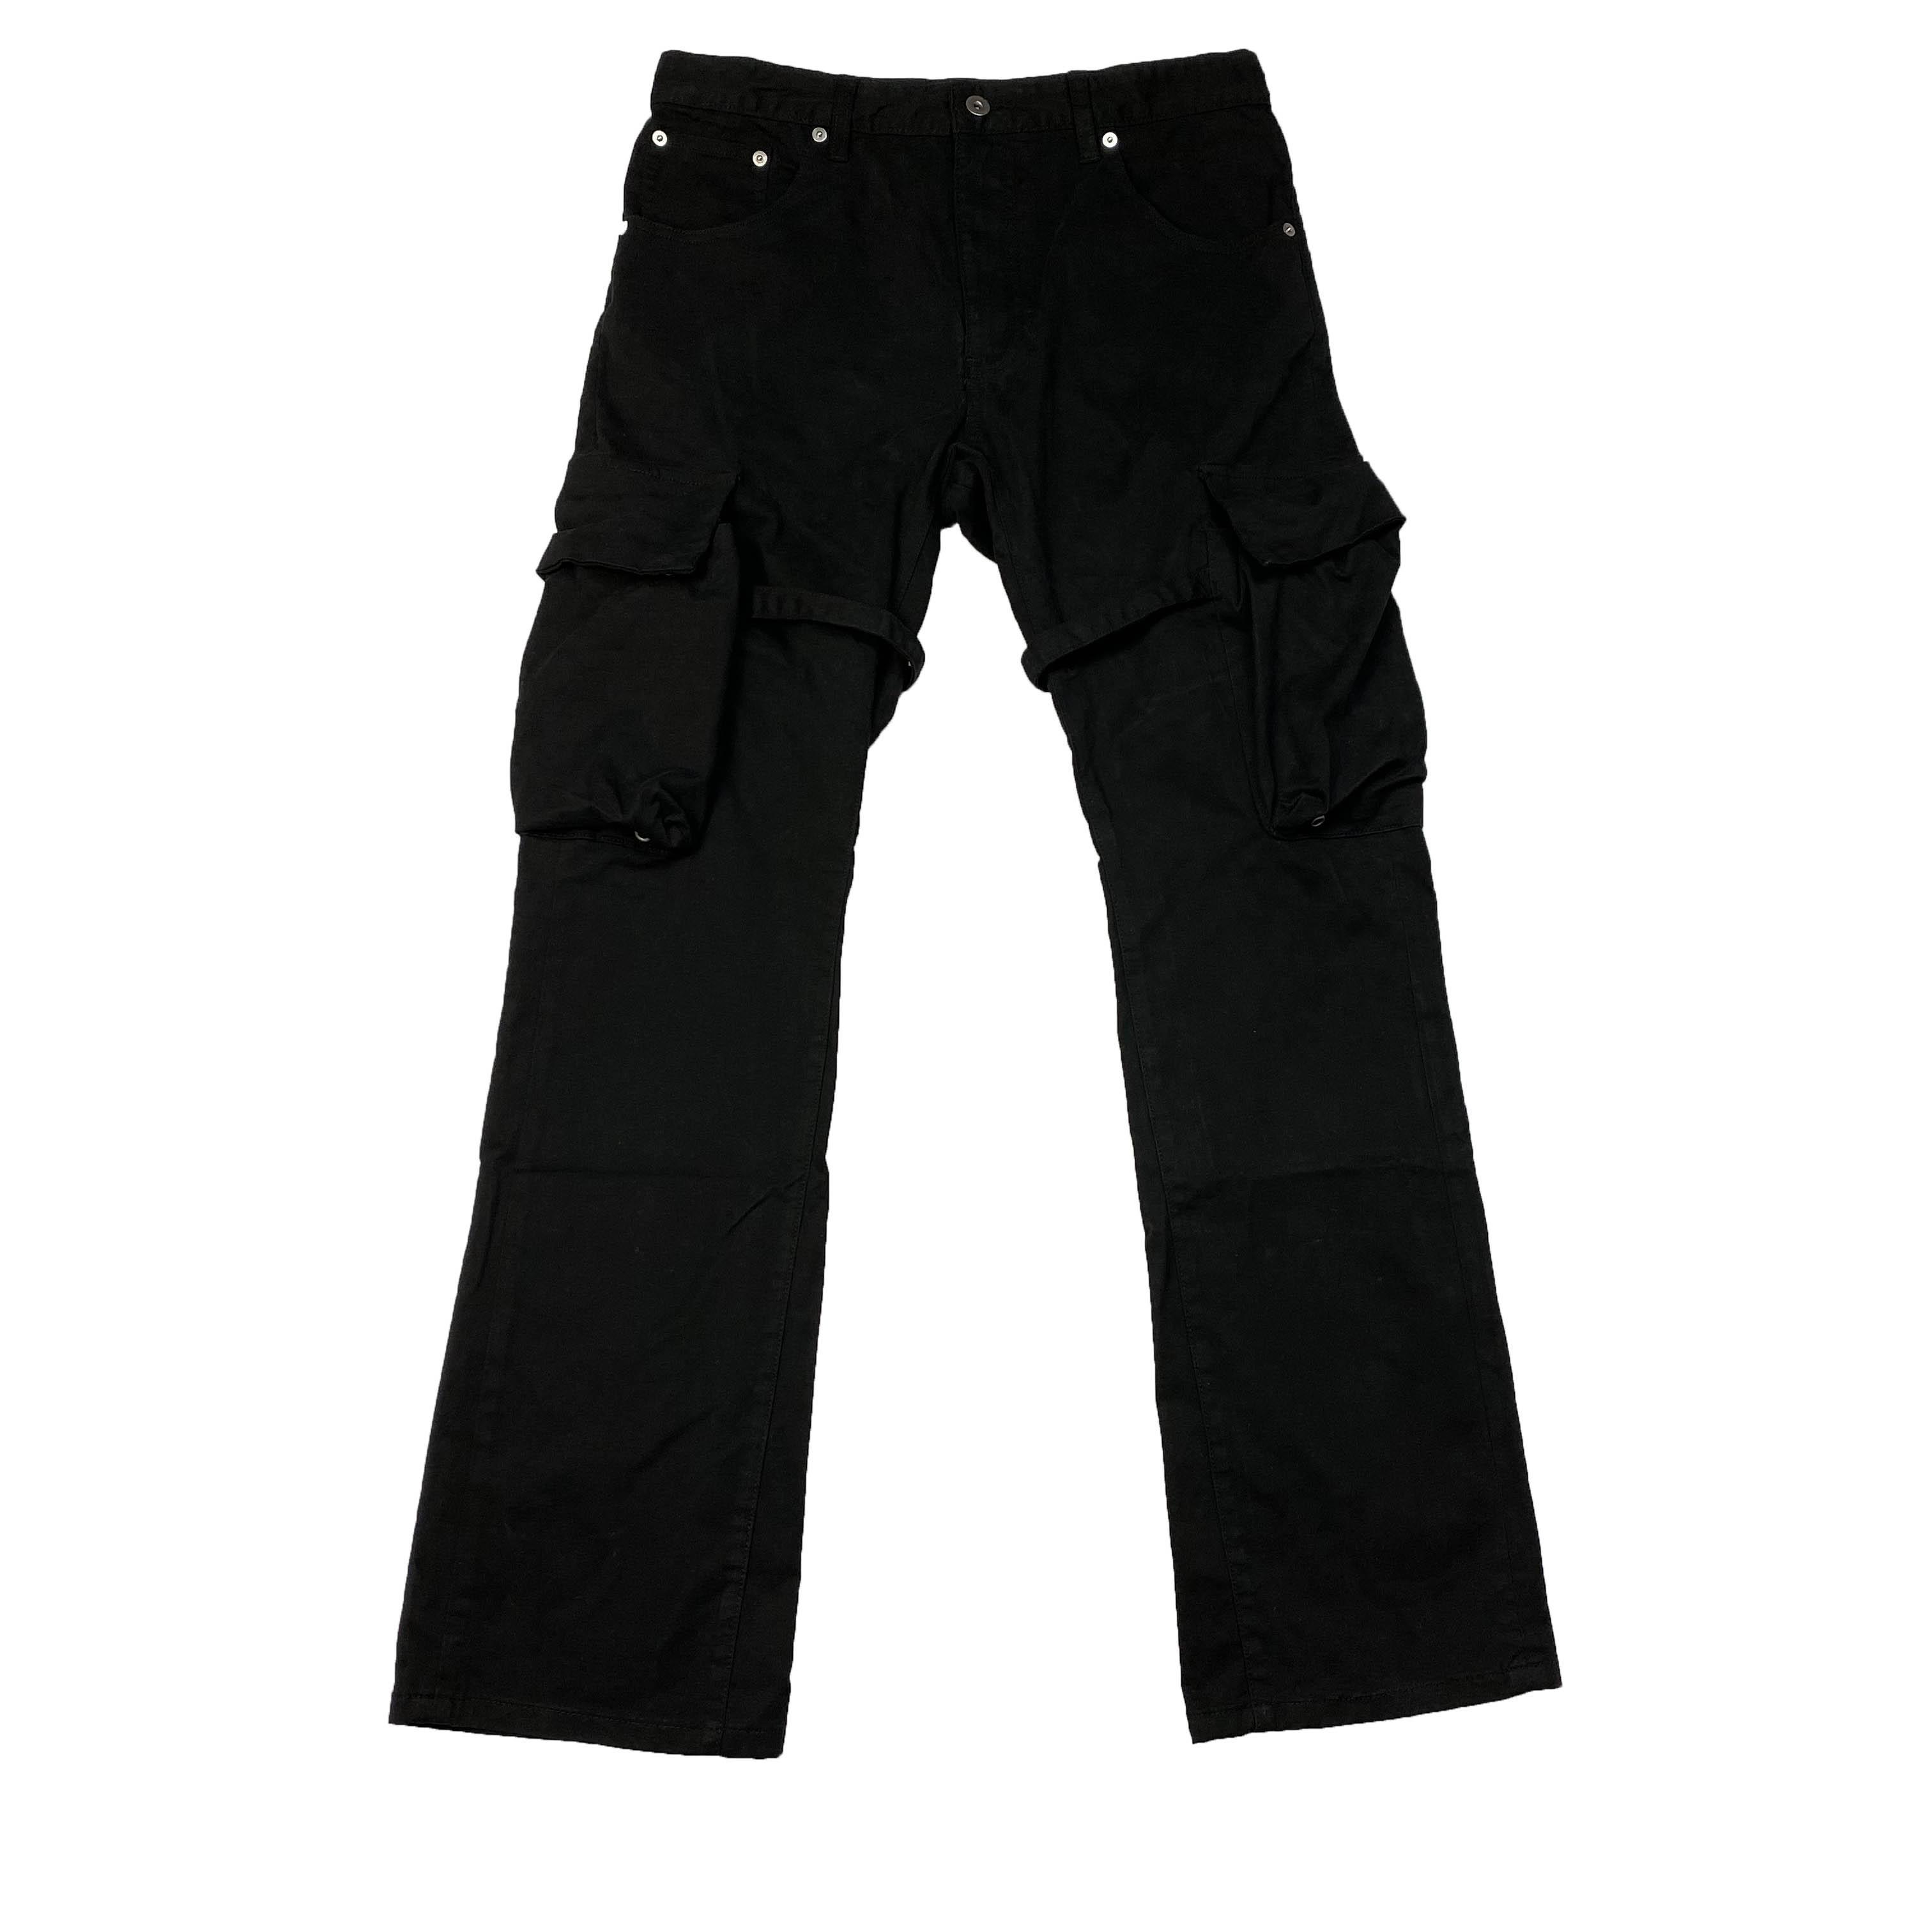 الرجال الملابس الداخلية VUJADE CARGO FLARE جيب البنطلون الشريط ملابس مايكرو مضيئة سروال ترافيس عارضة أزياء للياقة البدنية شارع العليا